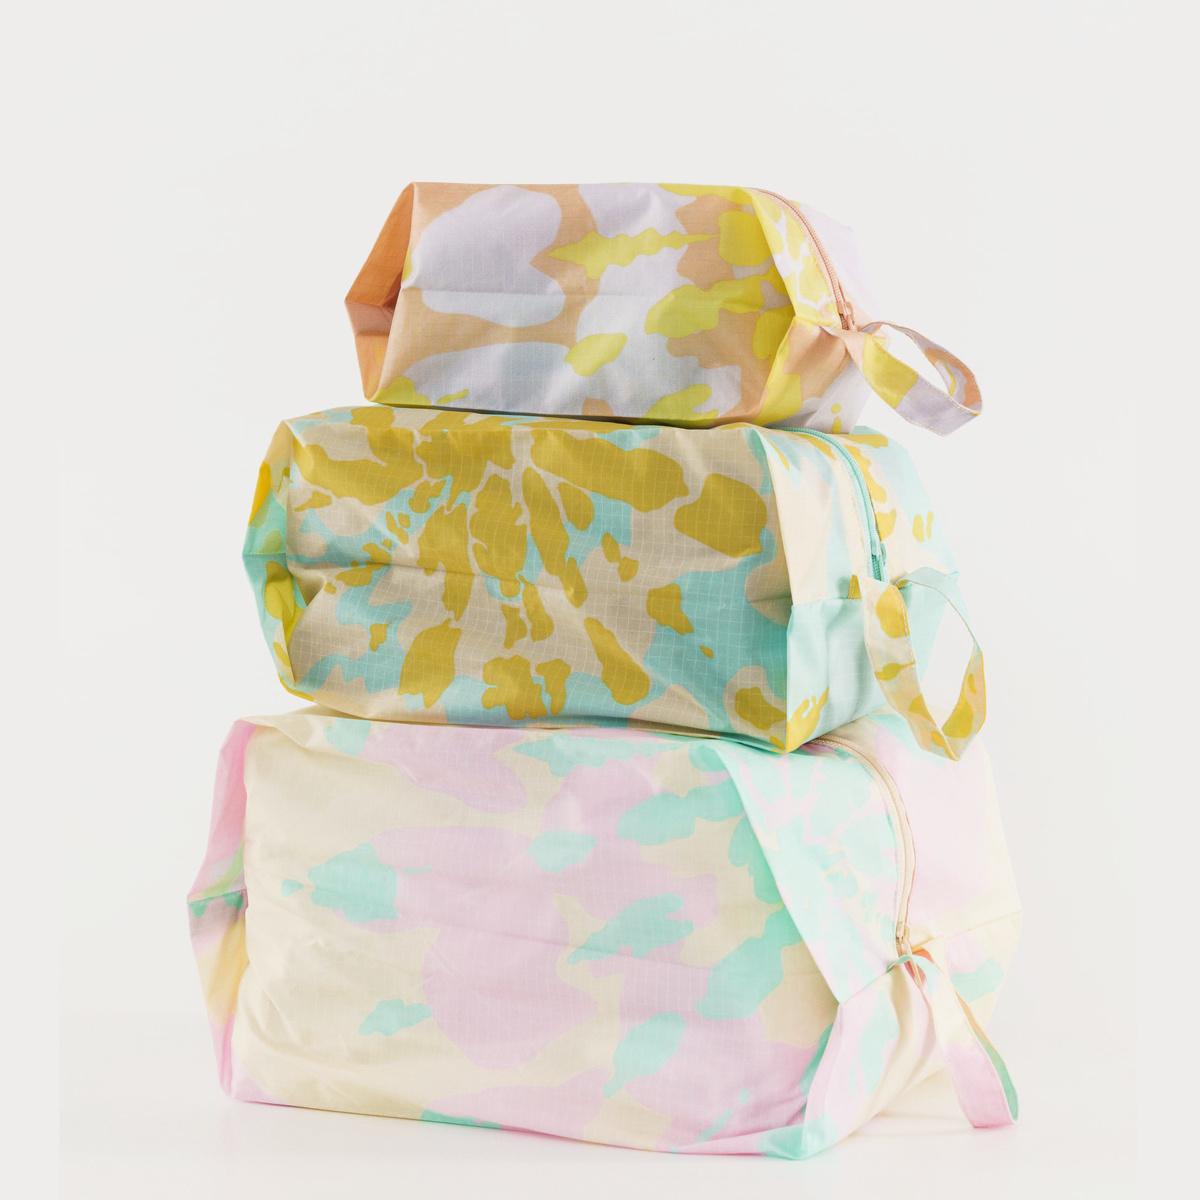 BAGGU Baggu Tie Dye 3D Zip Dopp Kit Set